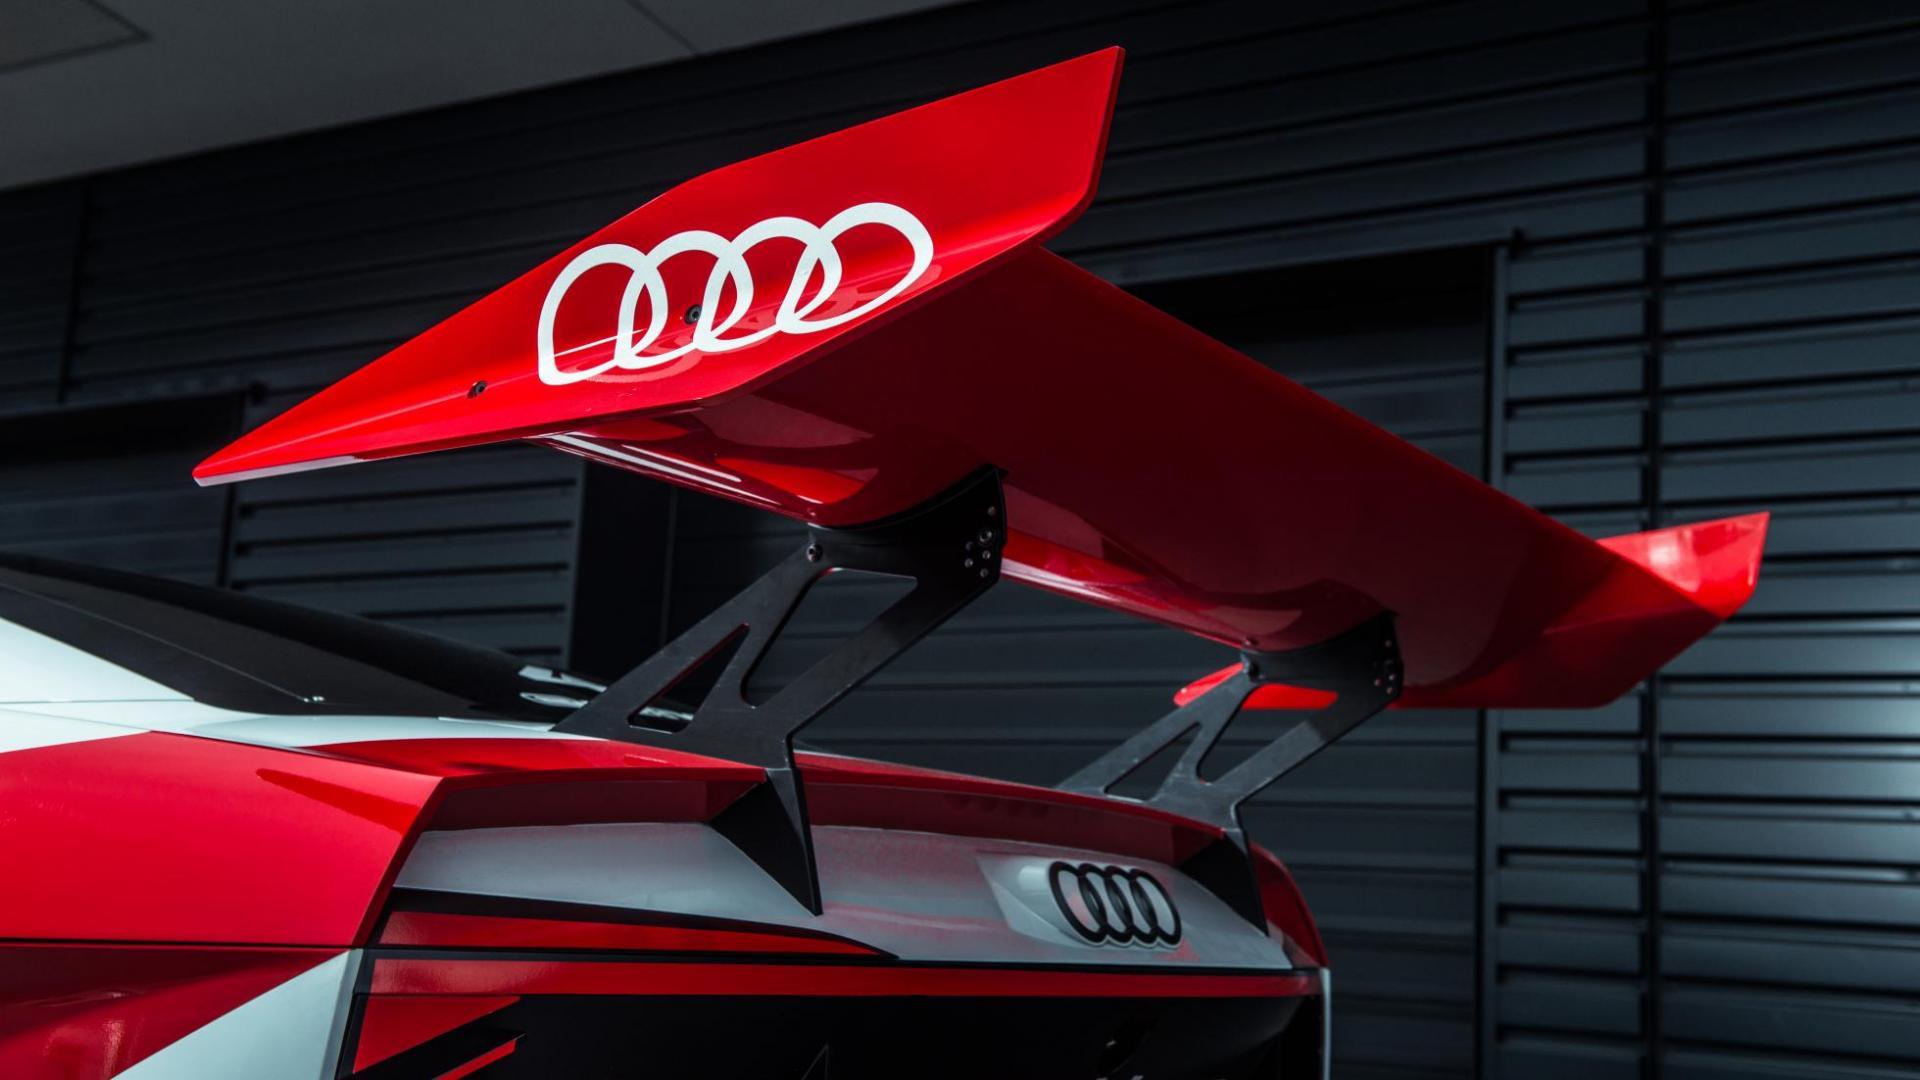 Audi e-tron Vision Gran Turismo spoiler (2018)